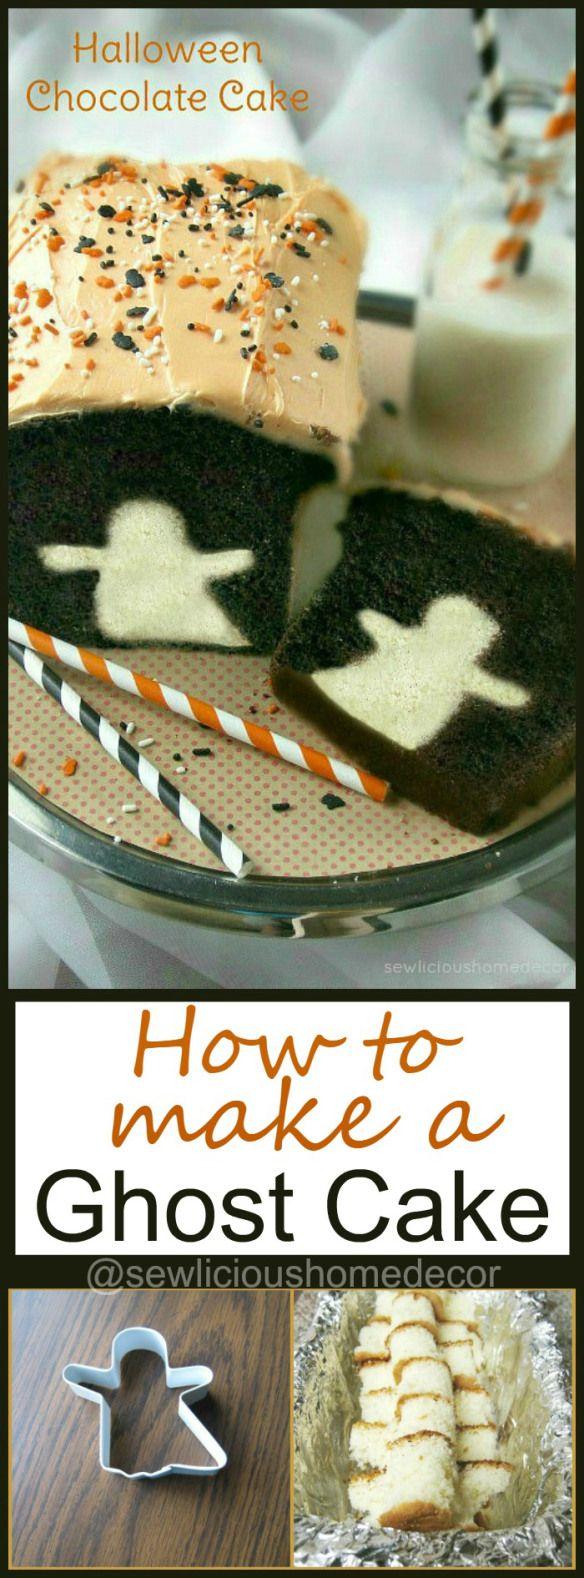 How To Make A Halloween Ghost Cake sewlicioushomedecor.com